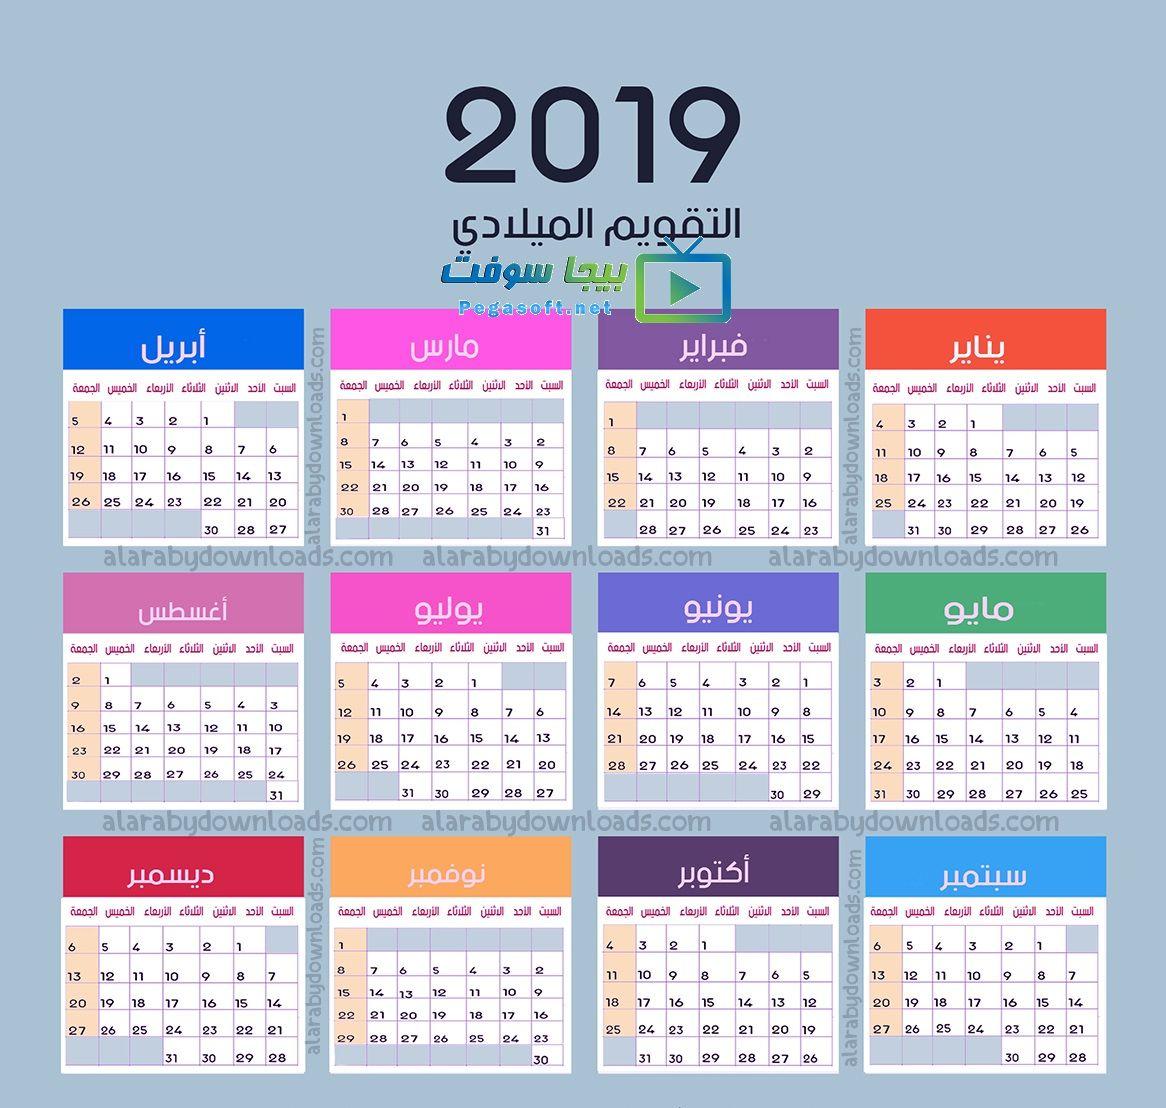 Acls Algorithm 2019 Pdf